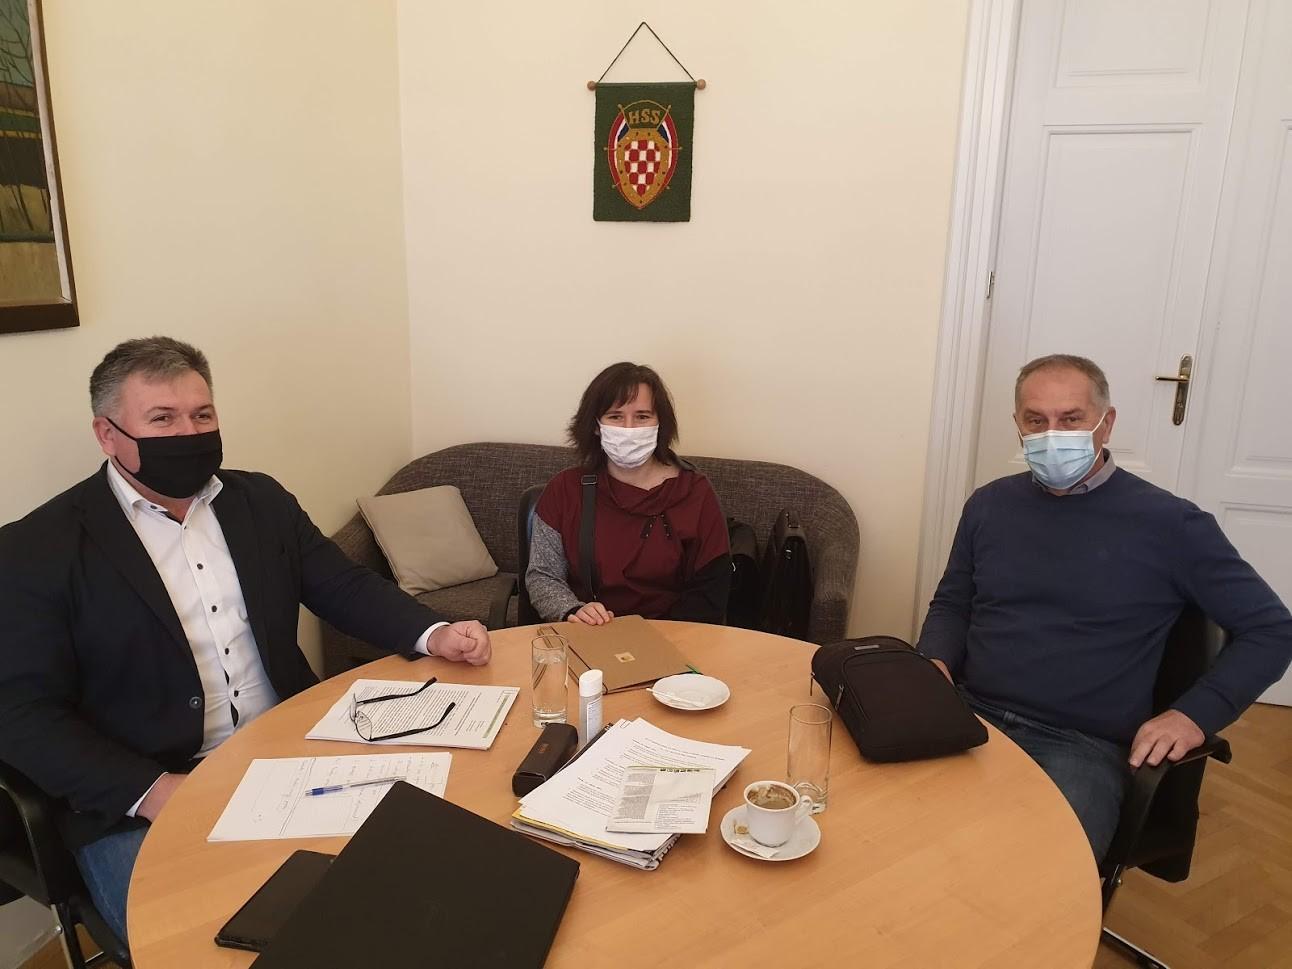 HSS   Željko Lenart   Sastanak inicijativa Sjeme je naše ljudsko pravo